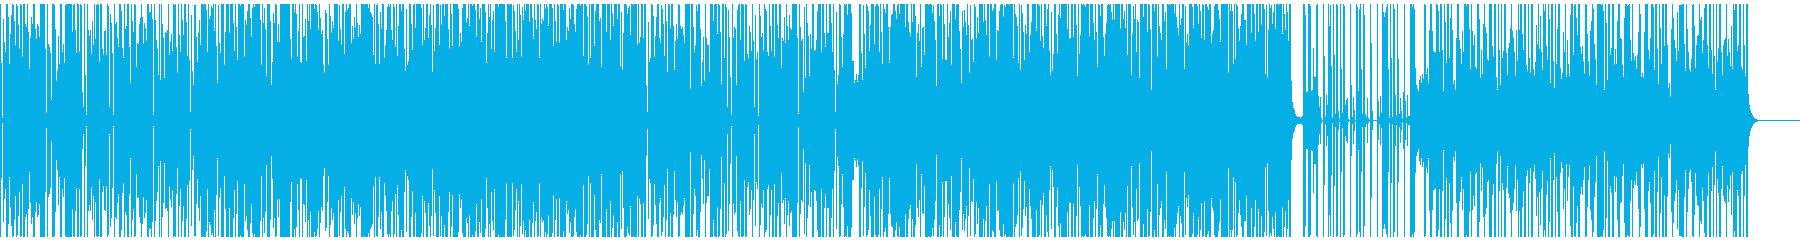 ファンキーなオルガンのクールなBGMの再生済みの波形